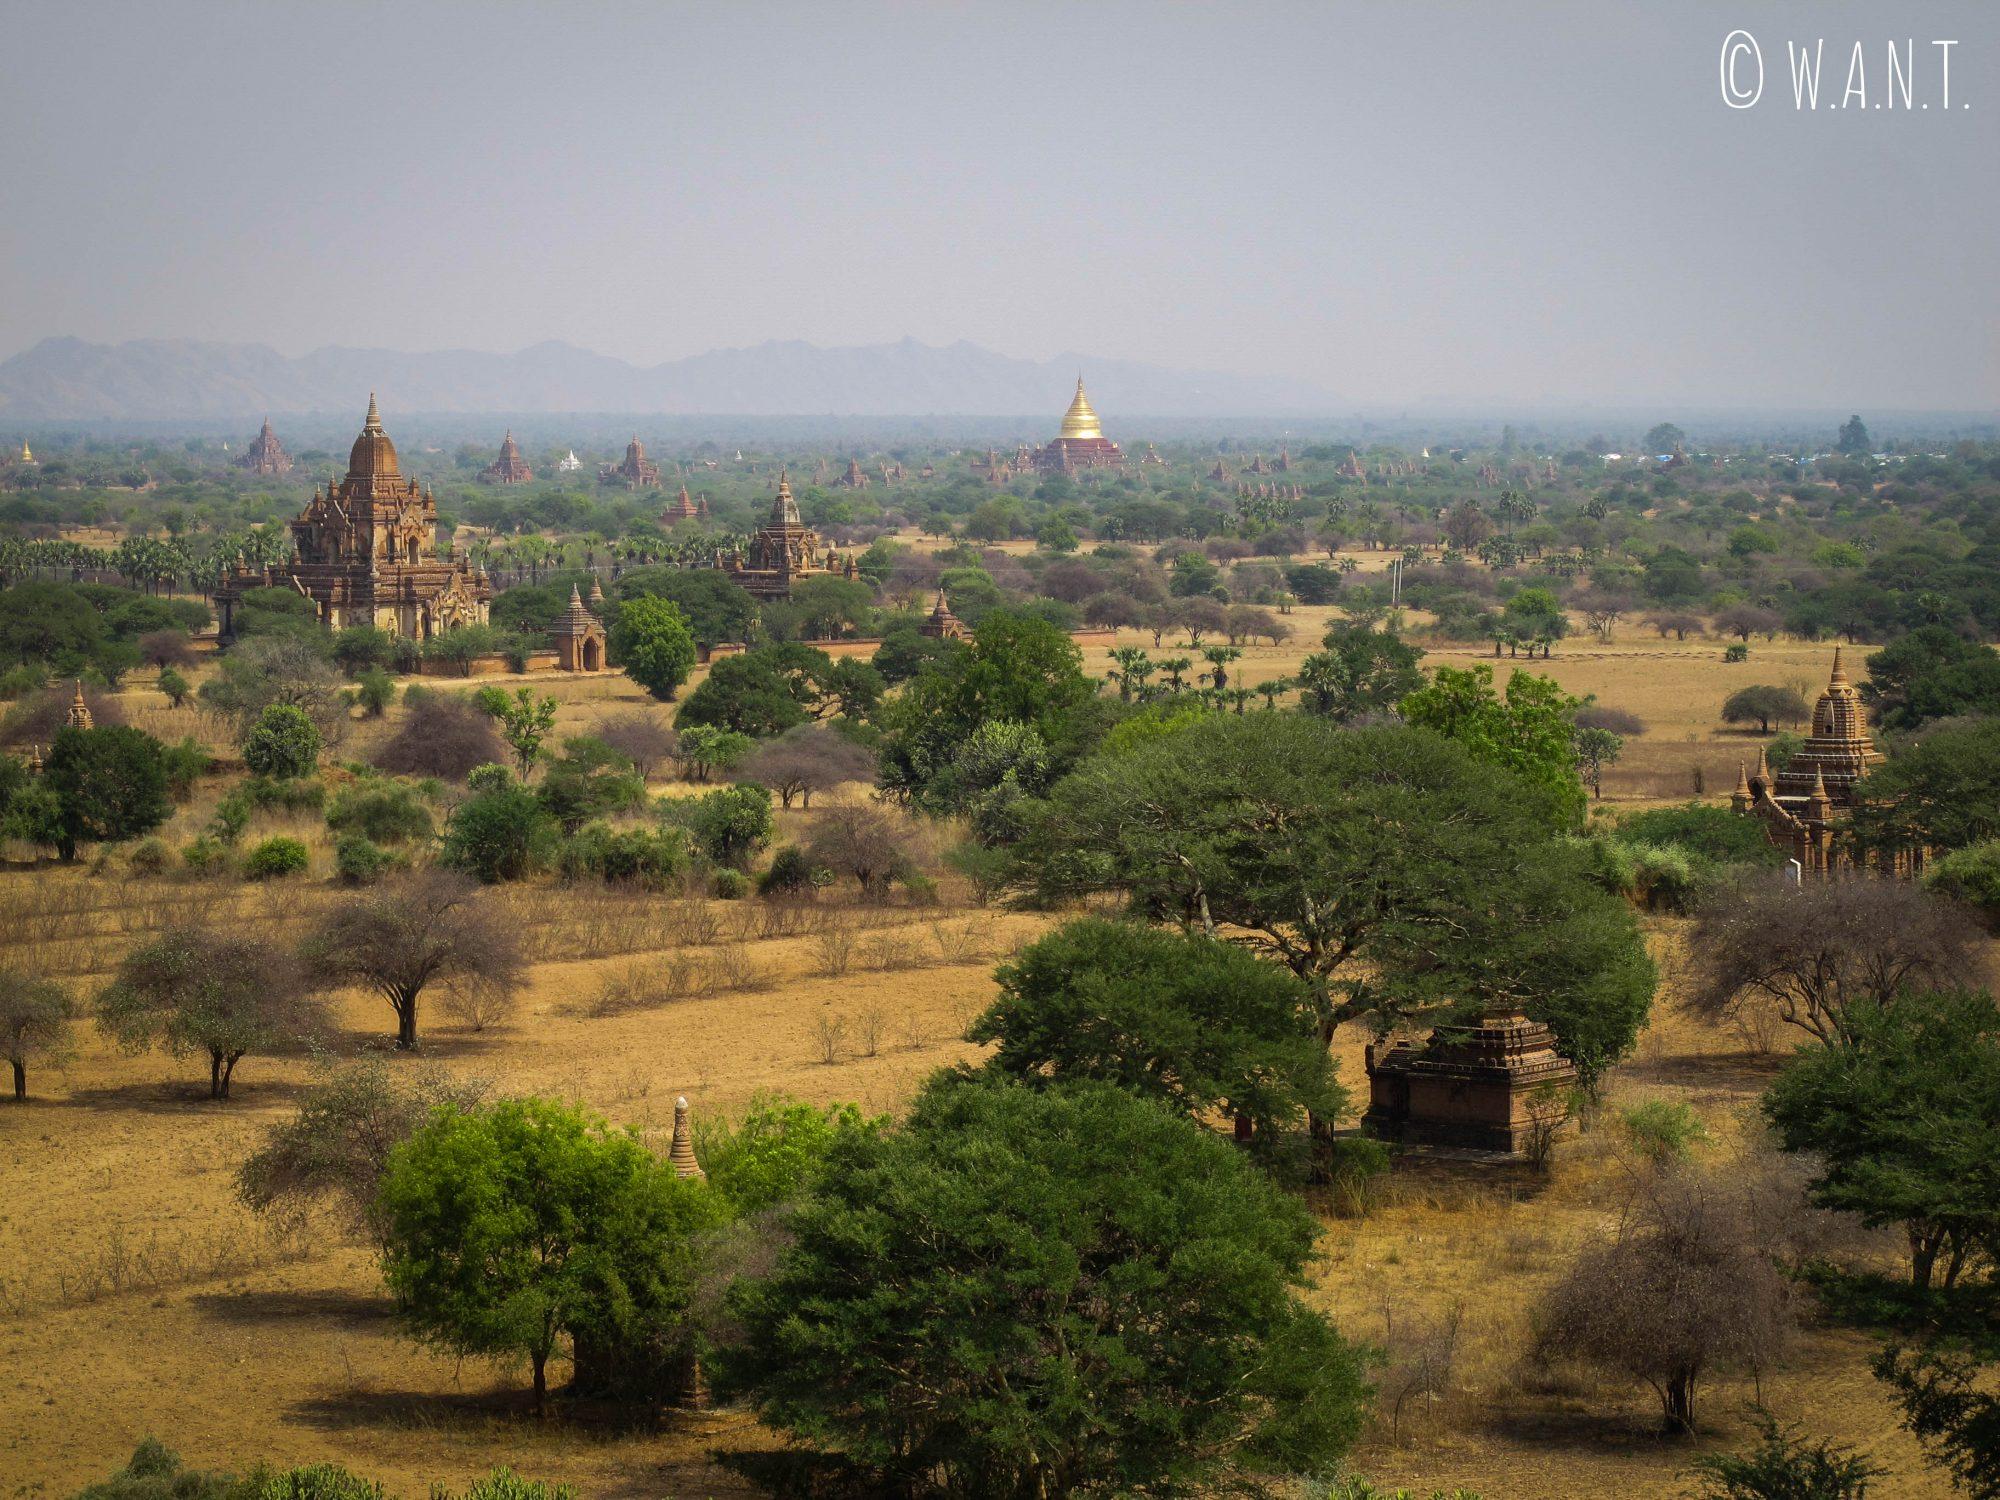 Des pagodes à perte de vue depuis la pagode Shwesandaw